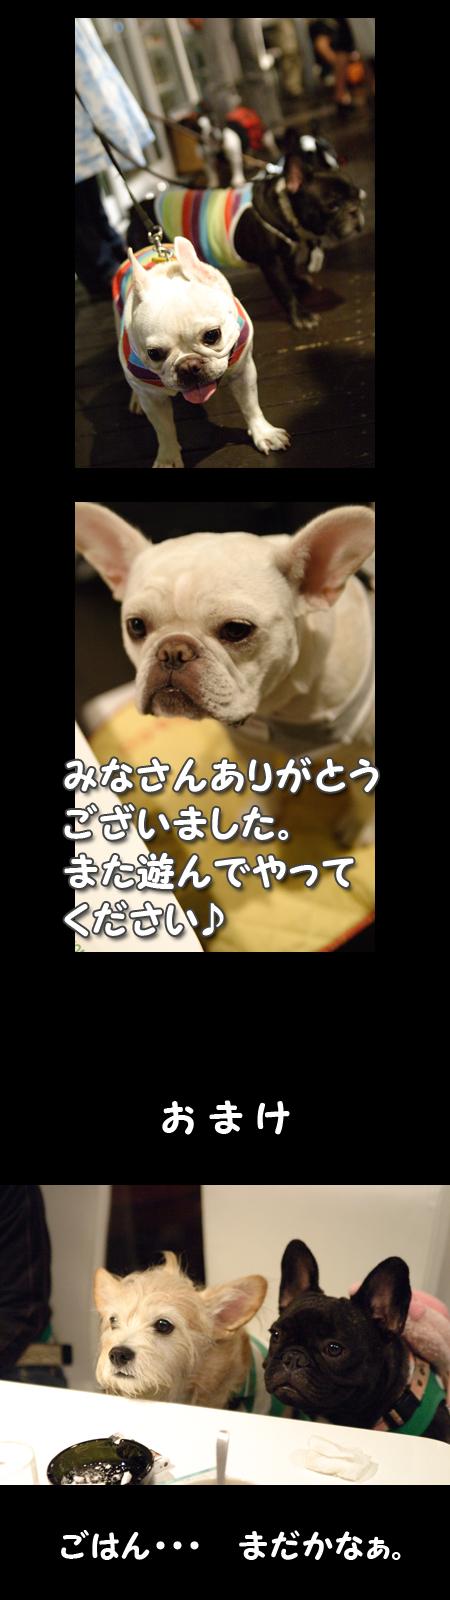 20070922_09.jpg